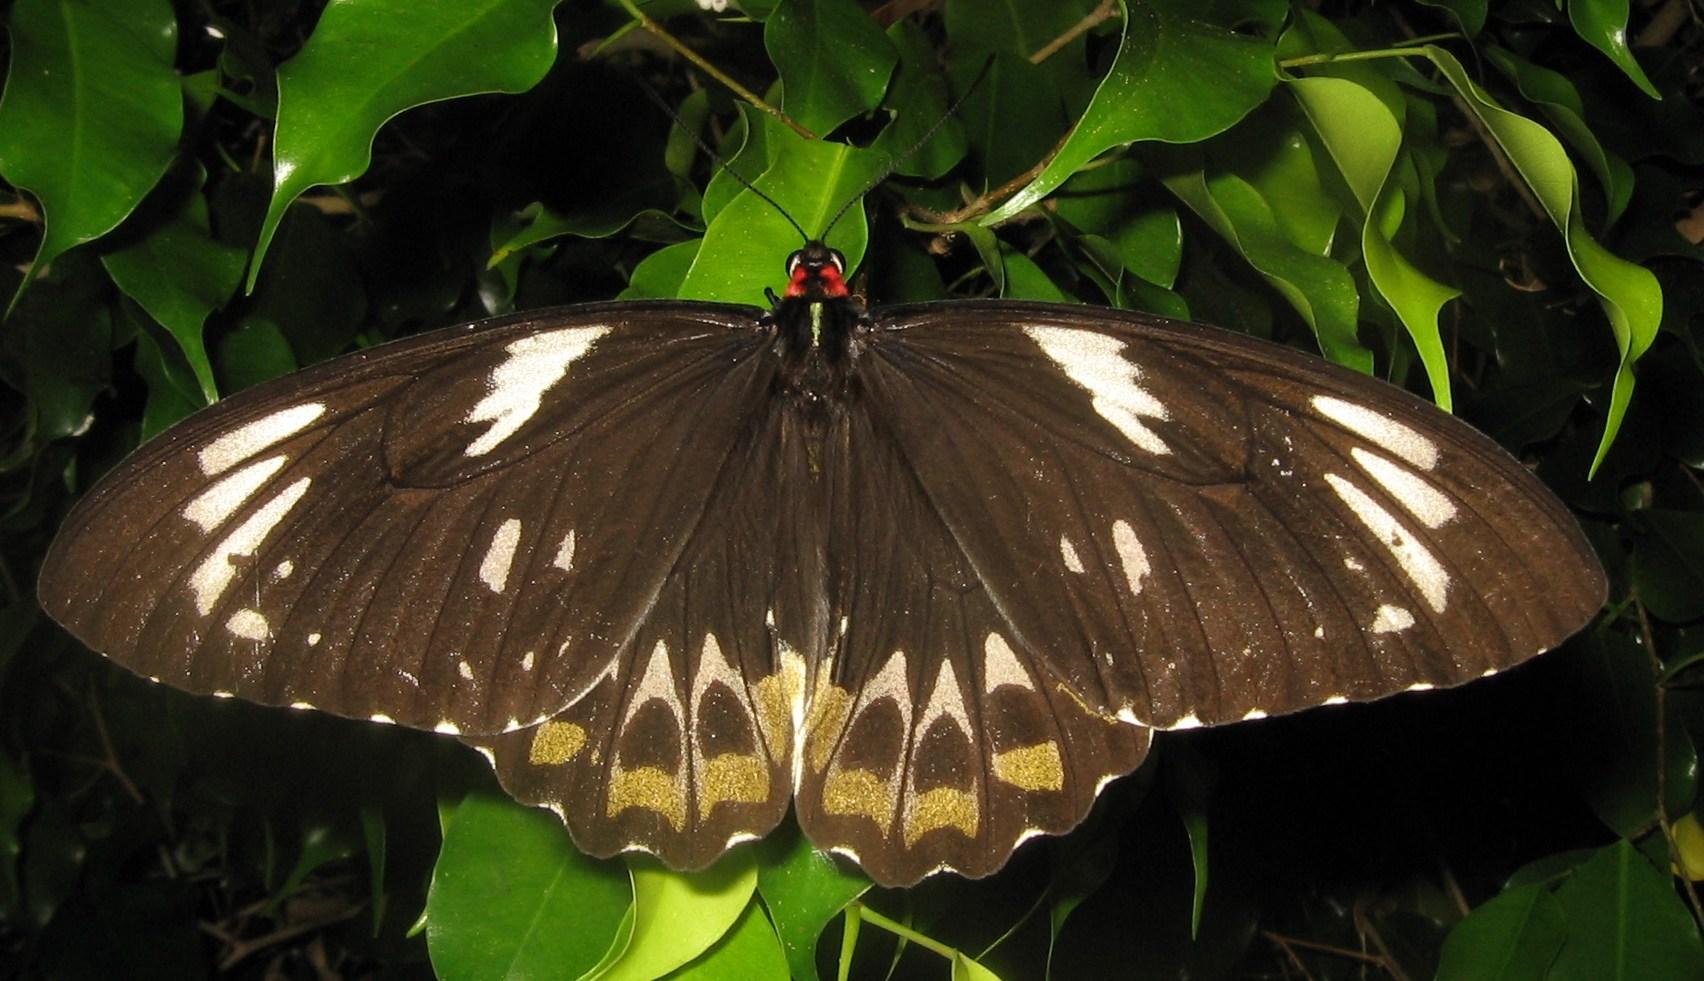 Dişi Kraliçe Alexandra'nın Kuşkanatlı kelebeklerinin kanatlarıysa kahverengi üzerine beyaz desenli oluyor.